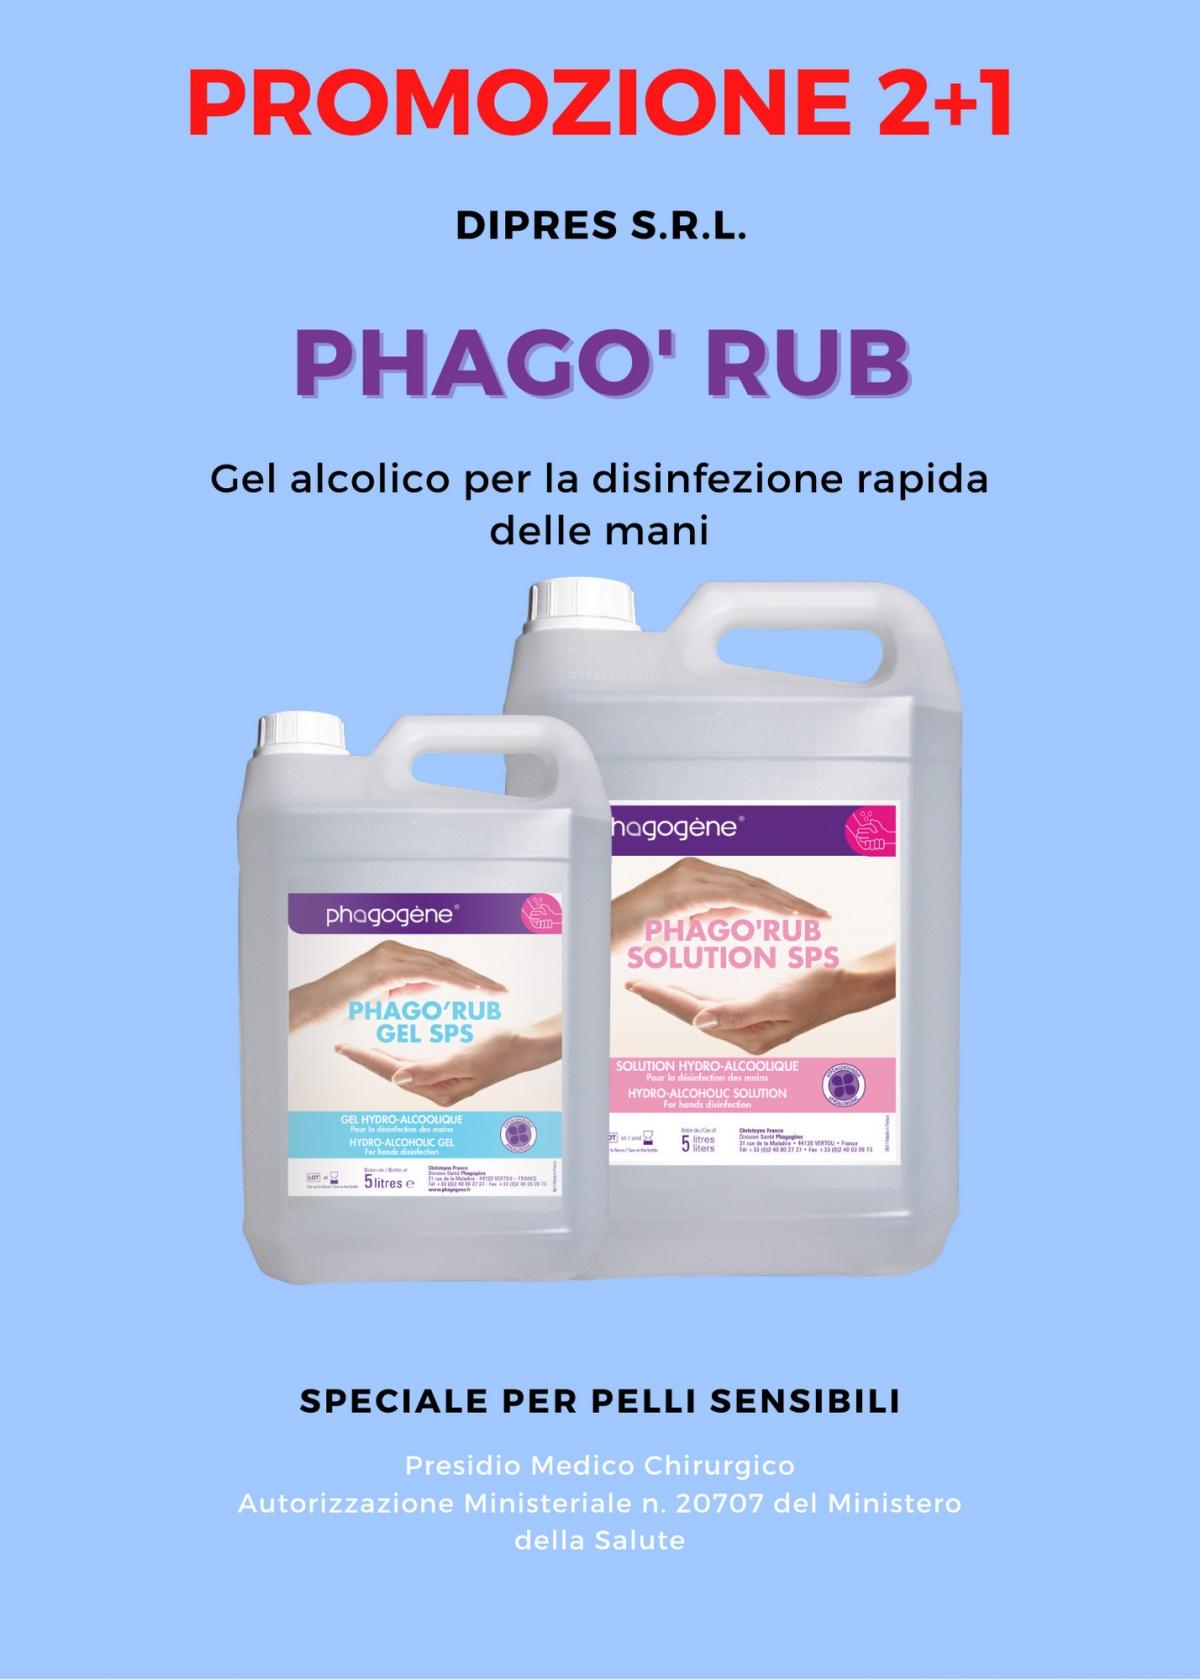 Promozione gel alcolico disinfettante Phago Rub